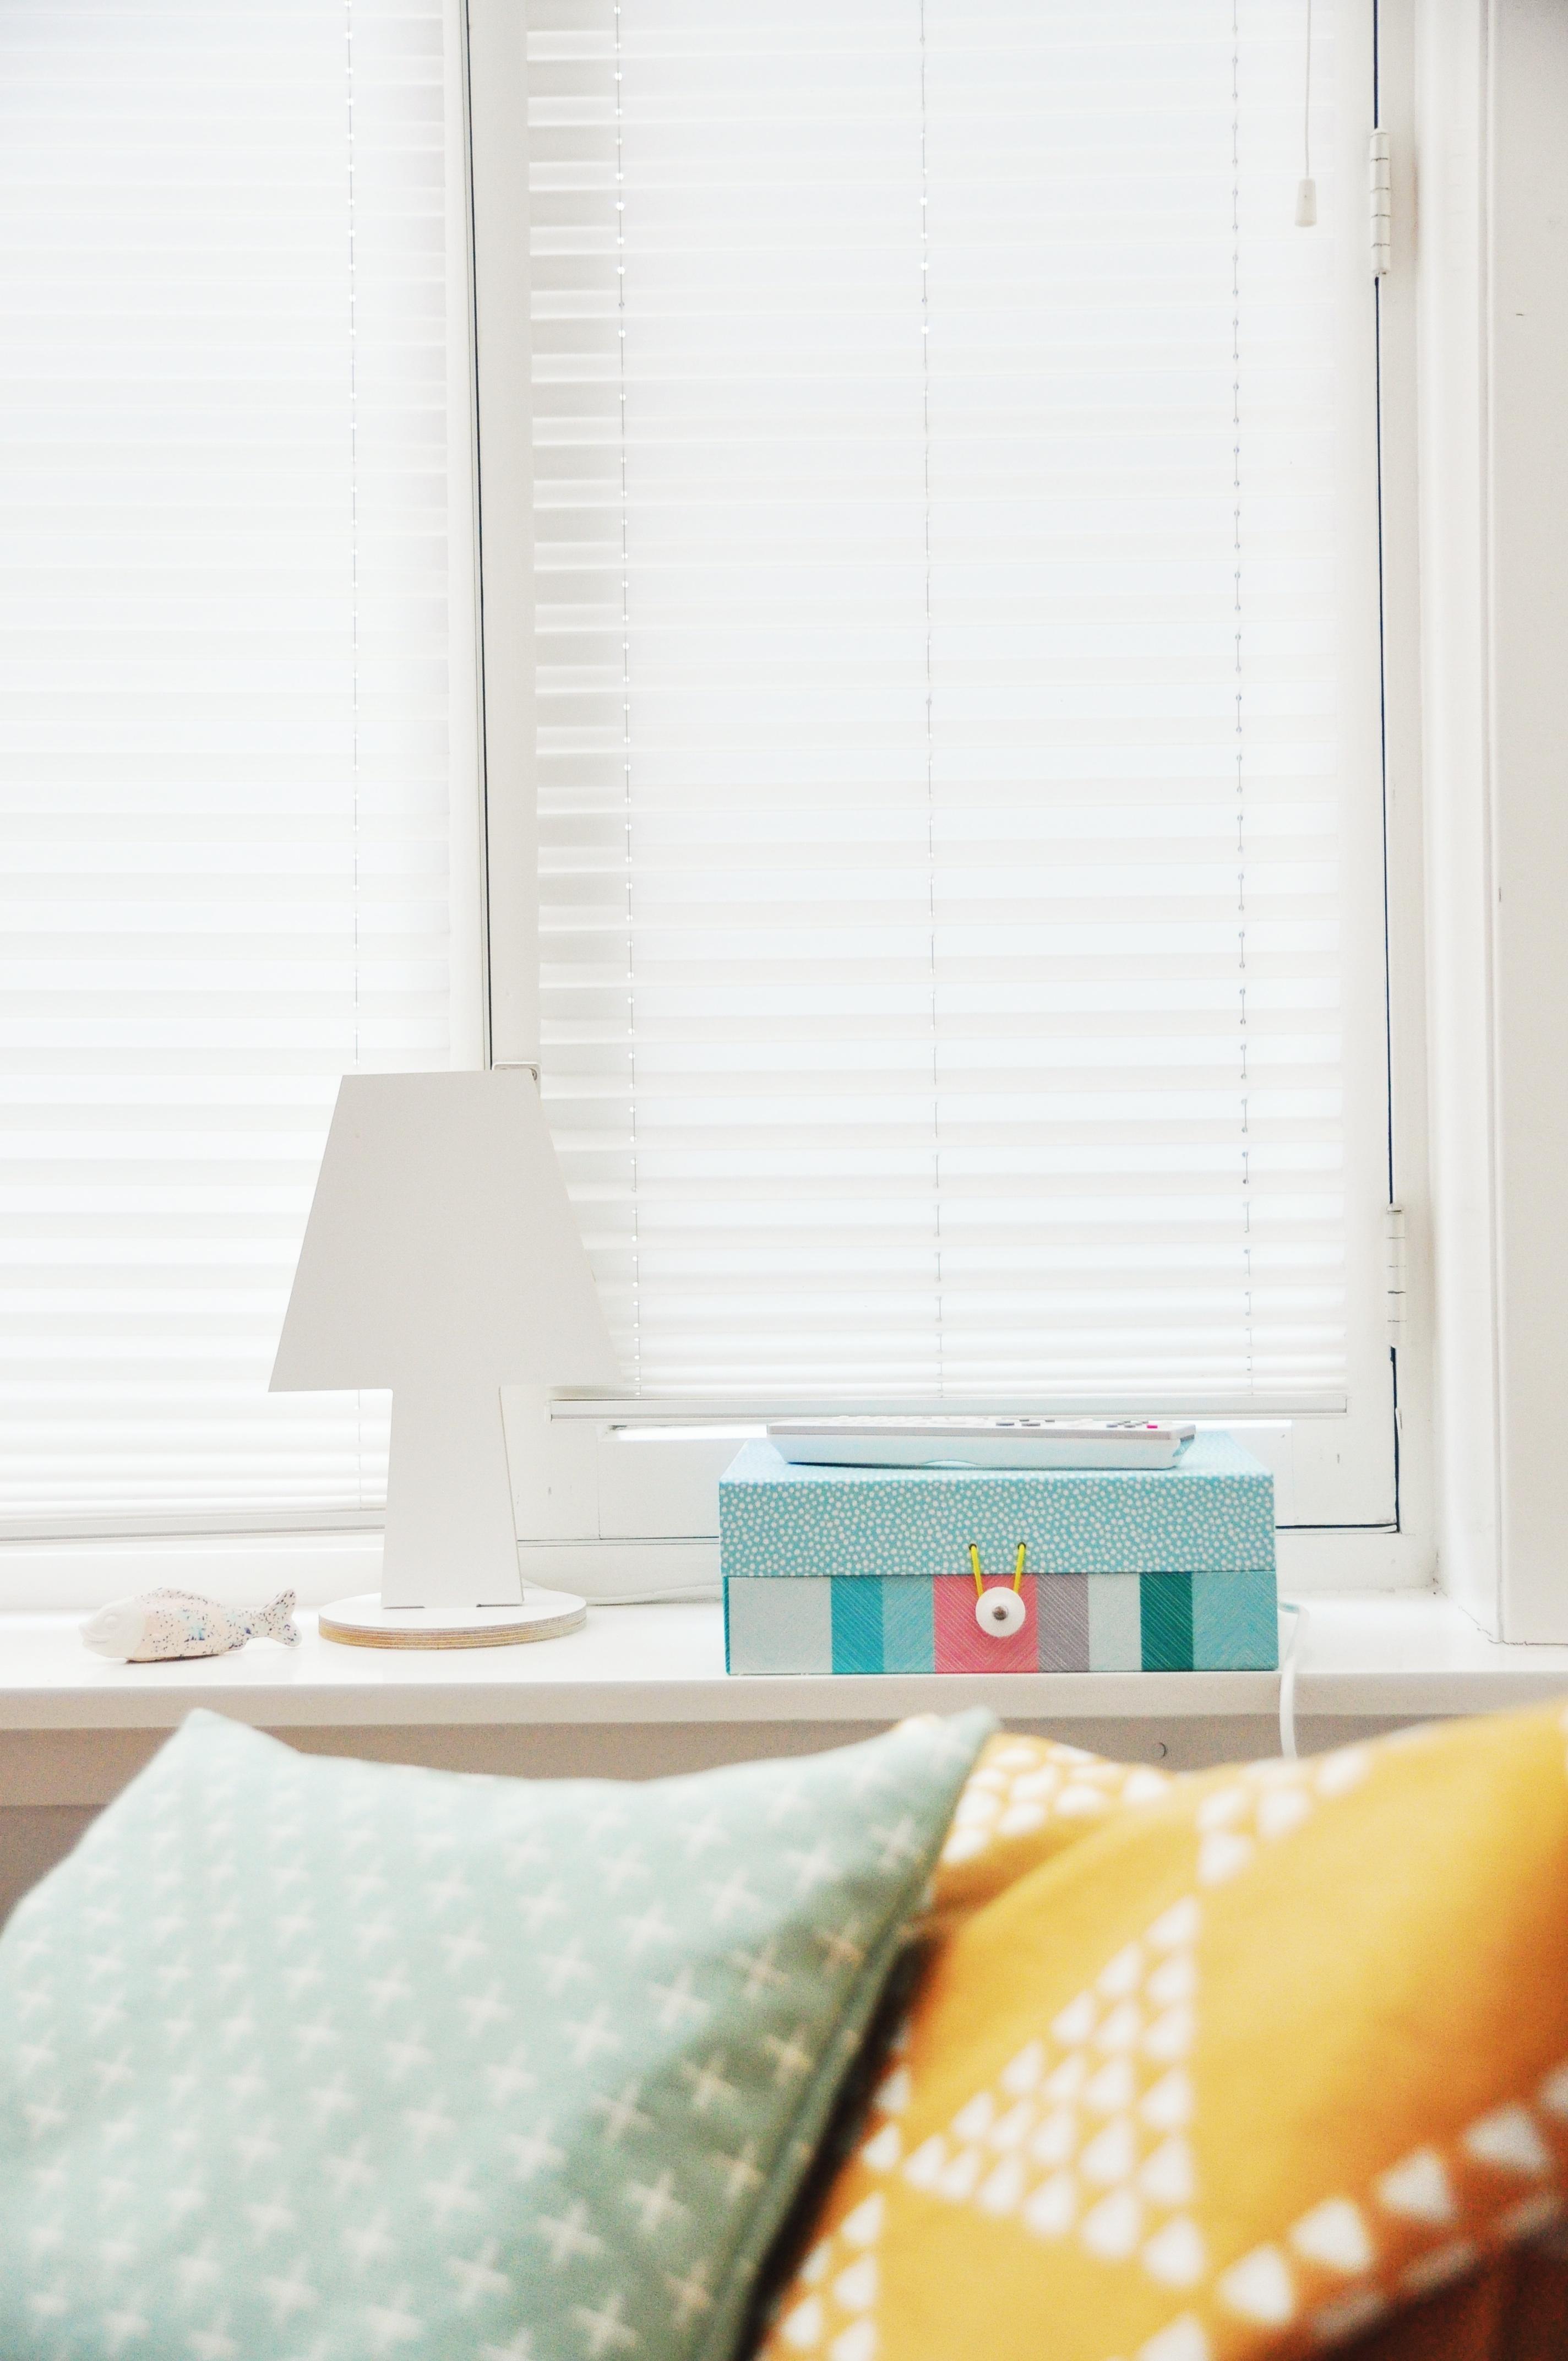 Blanc Couleur Rideau Boîte Chambre Jaune Design Du0027intérieur Textile  Conception Les Fenêtres Store Lampe